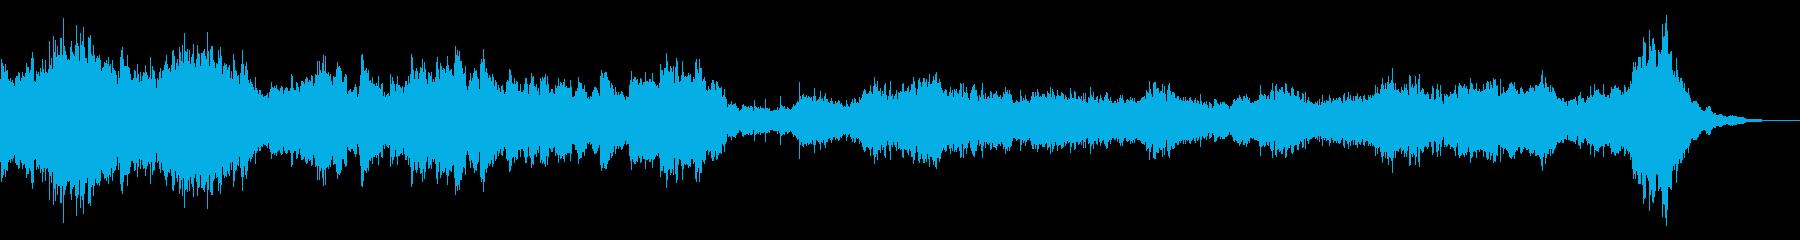 緊張シーン_60sec verの再生済みの波形